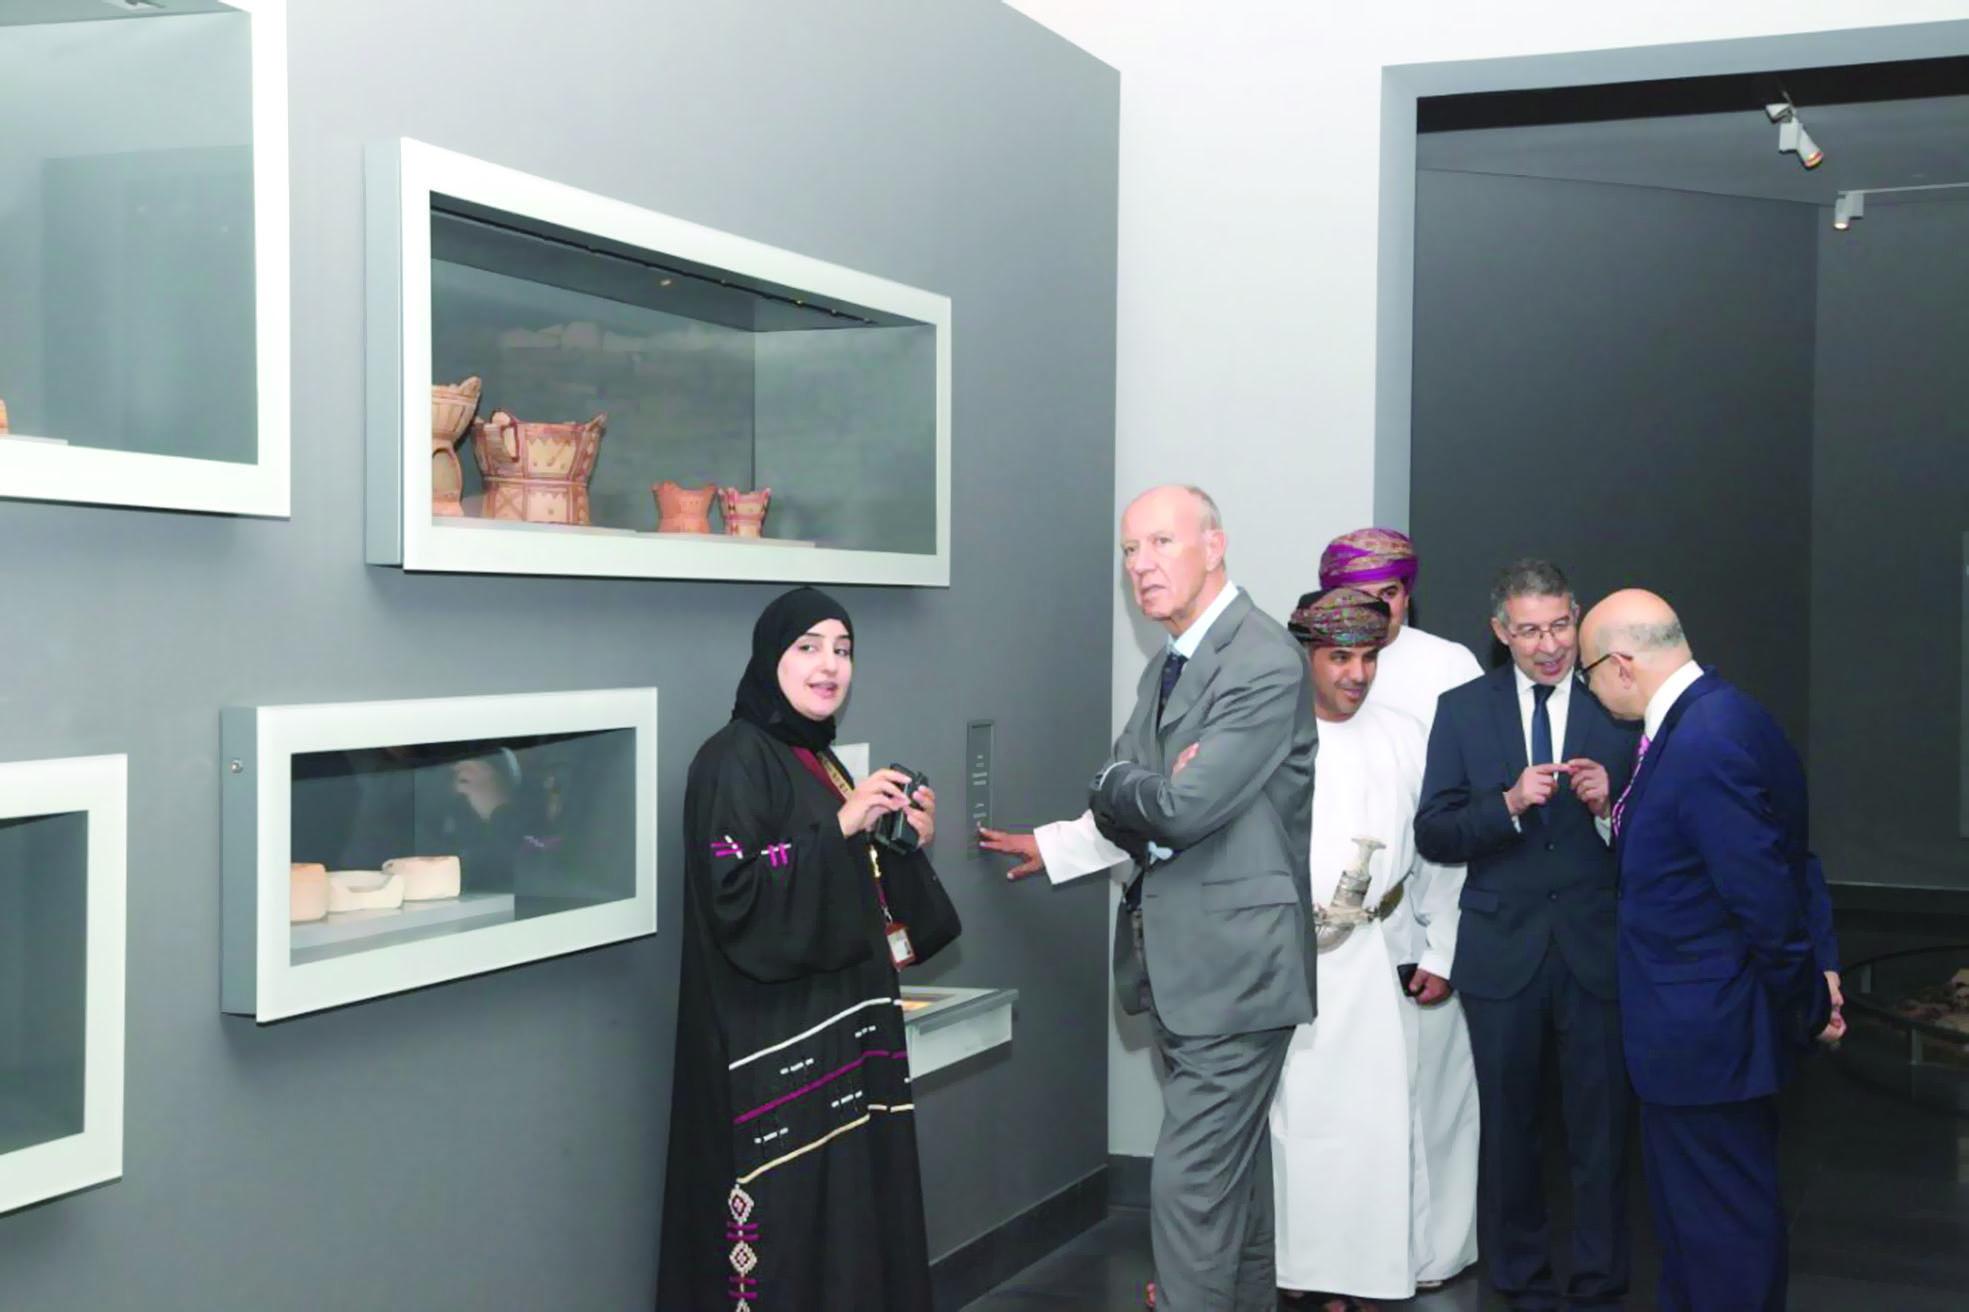 وفد منظمة عالمية يزور المتحف الوطني